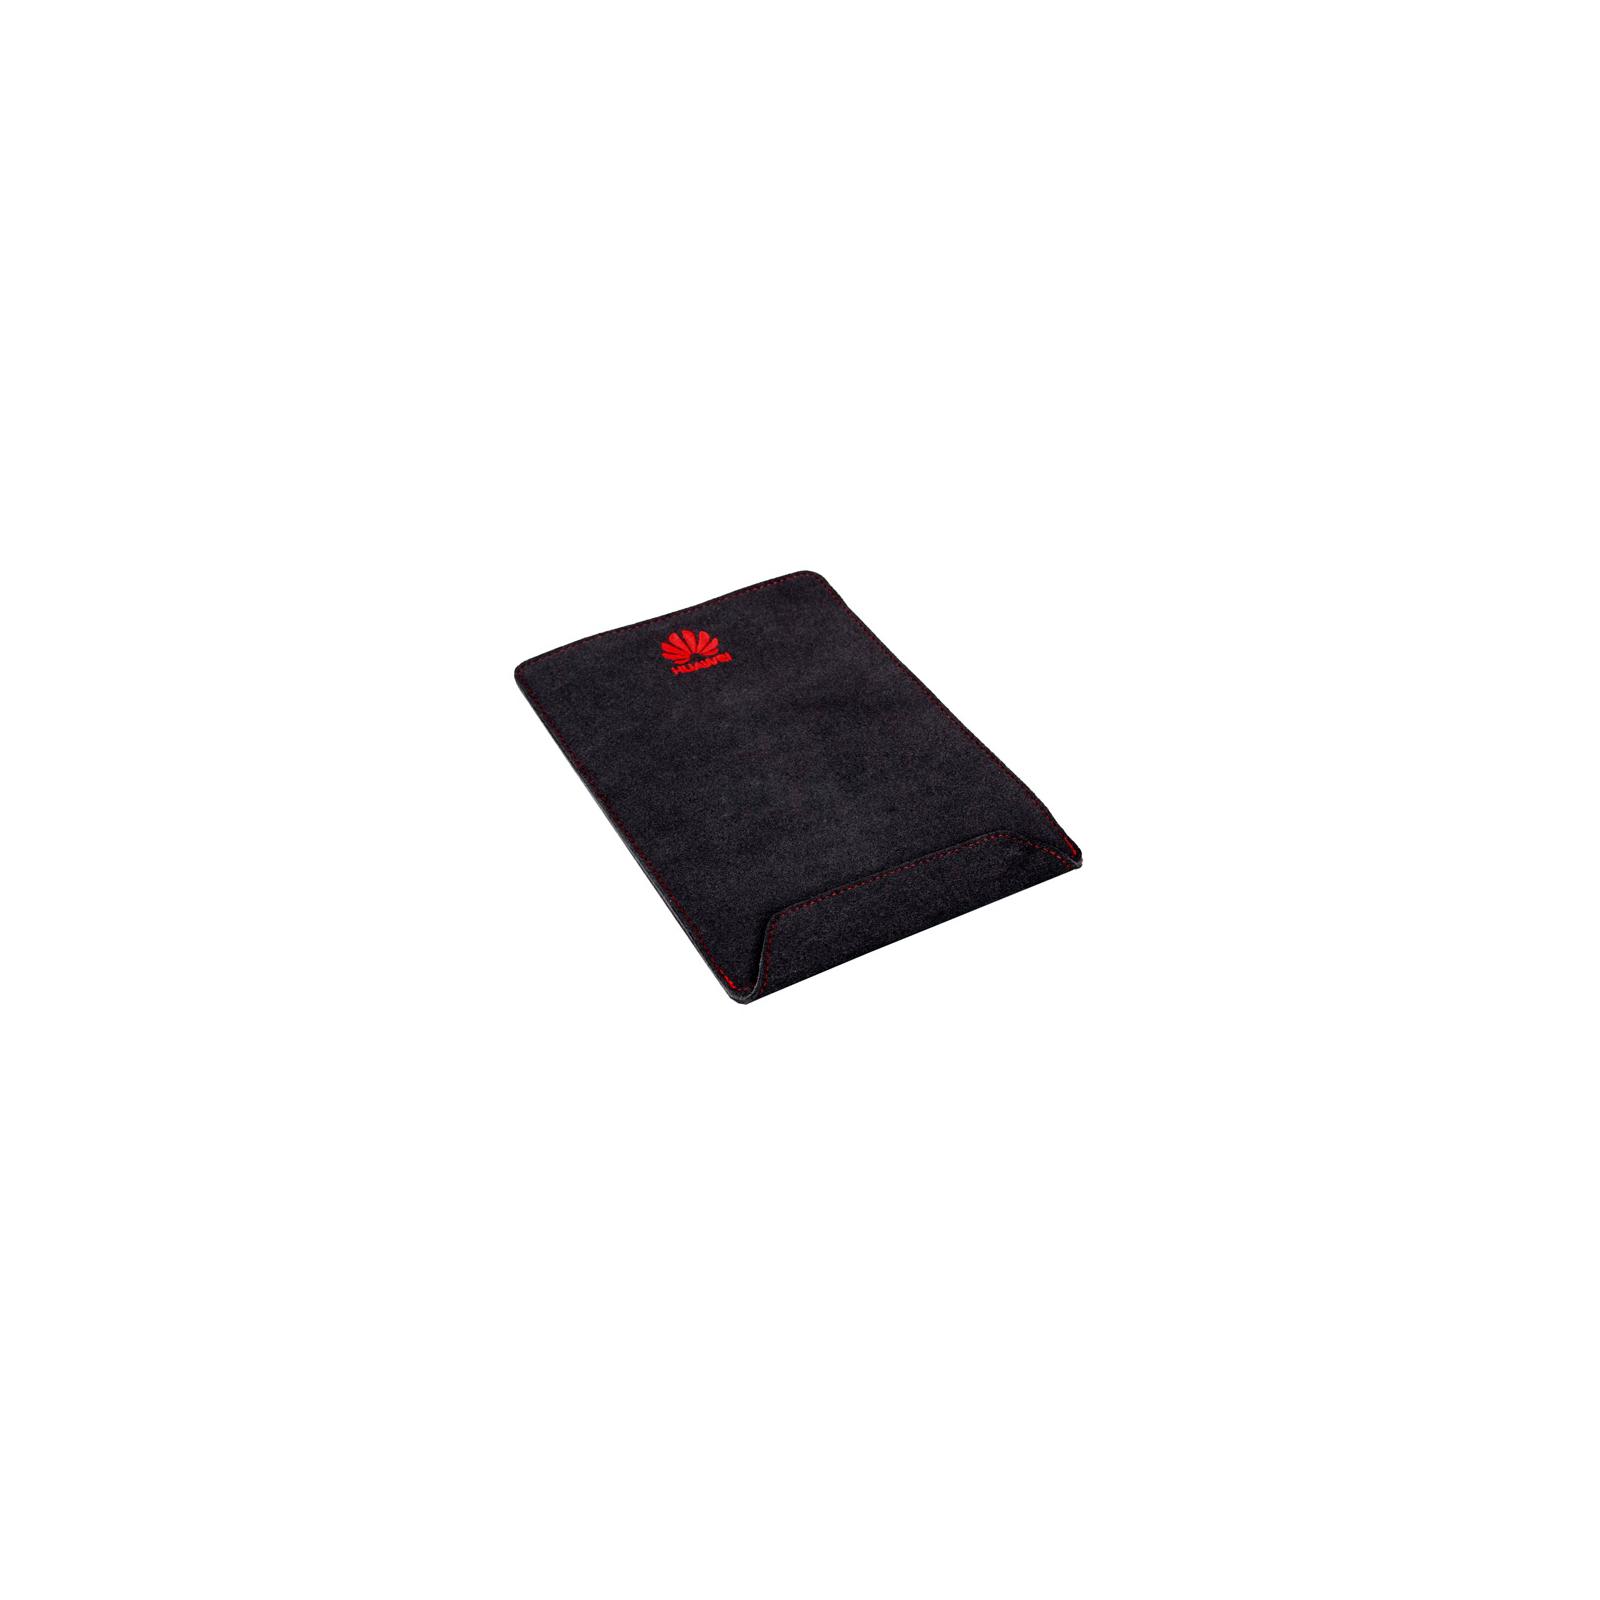 Чехол для планшета Huawei 7 MediaPad Microfiber Case Folding (51990175) изображение 5